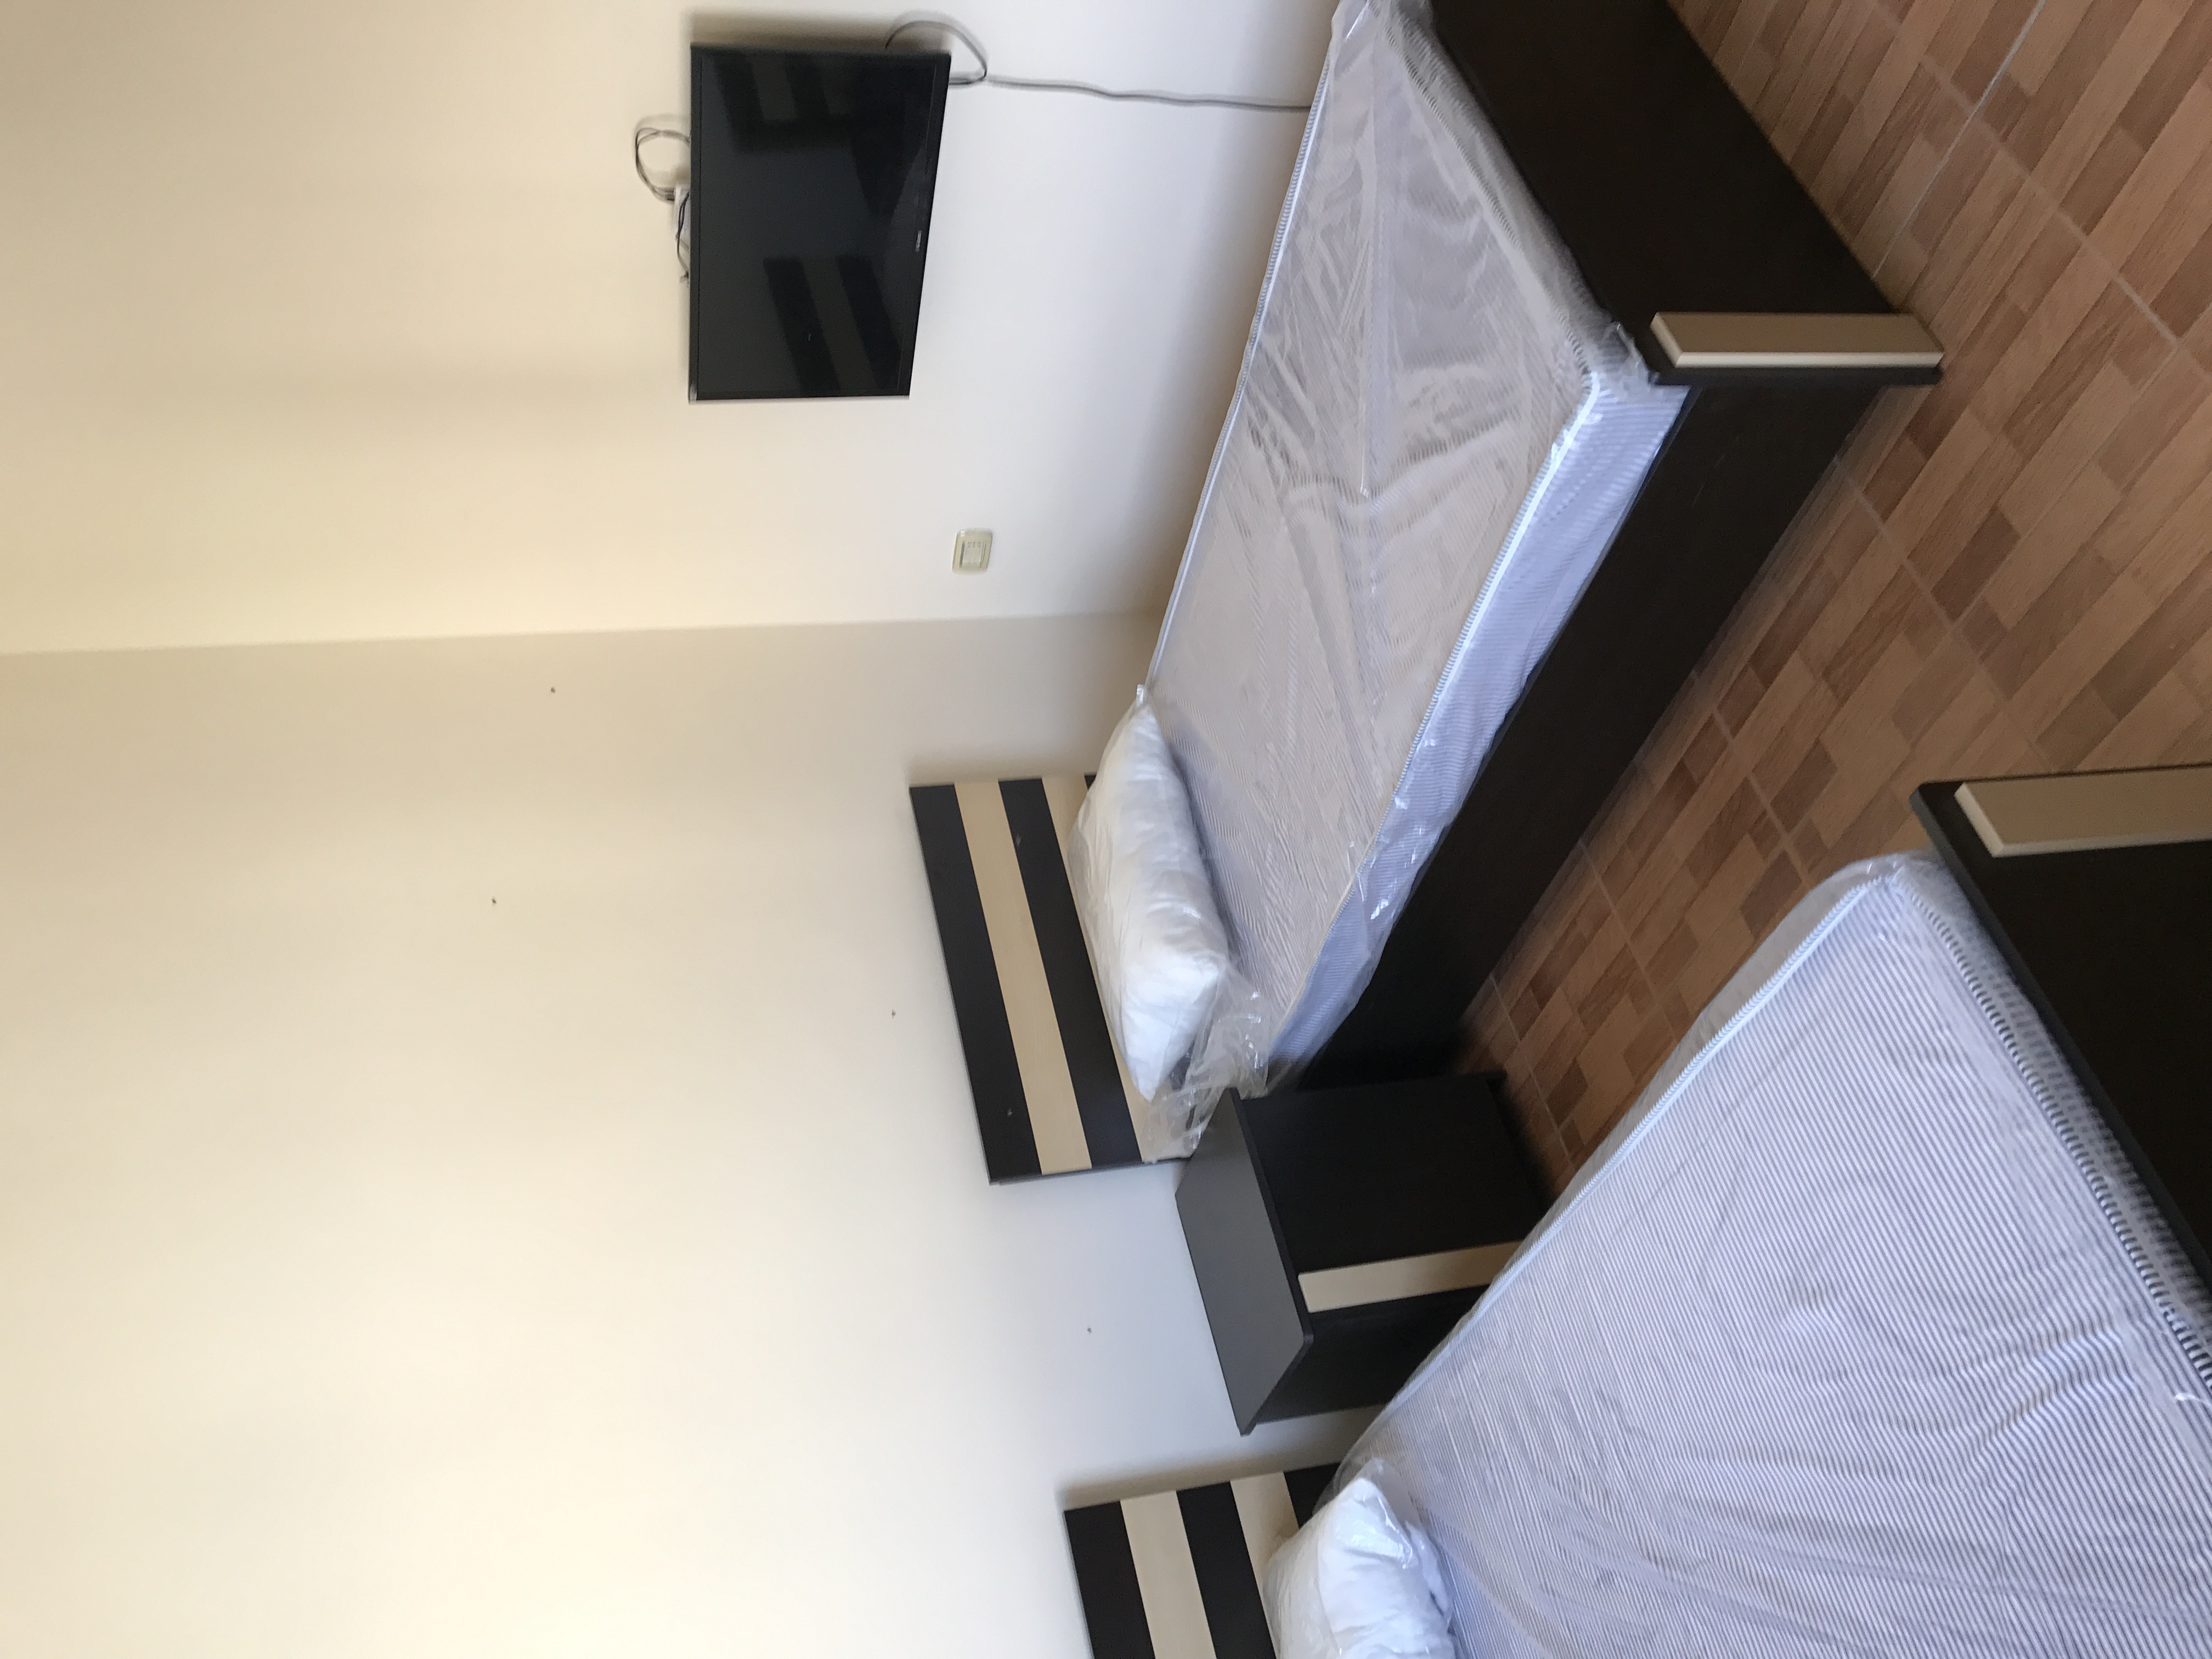 Brand new 1 BHK With 2/bathroom in bain aljesraen (Rabdan area)-  شقة مفروشة للايجار في...